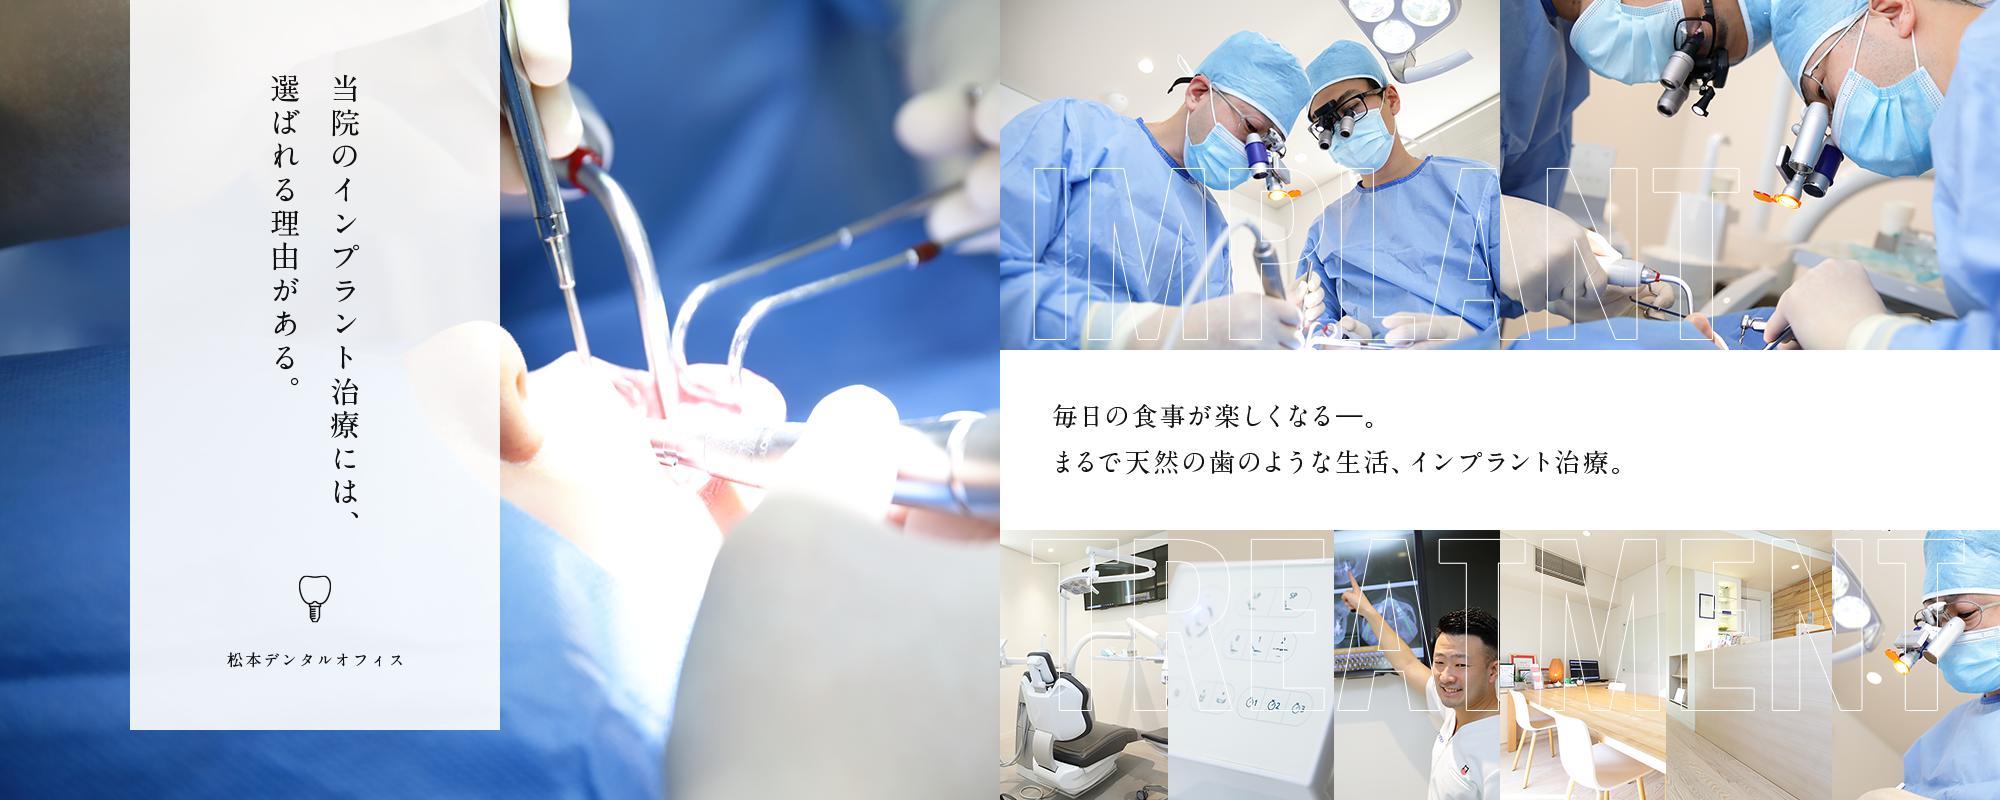 当院のインプラント治療には、選ばれる理由がある。